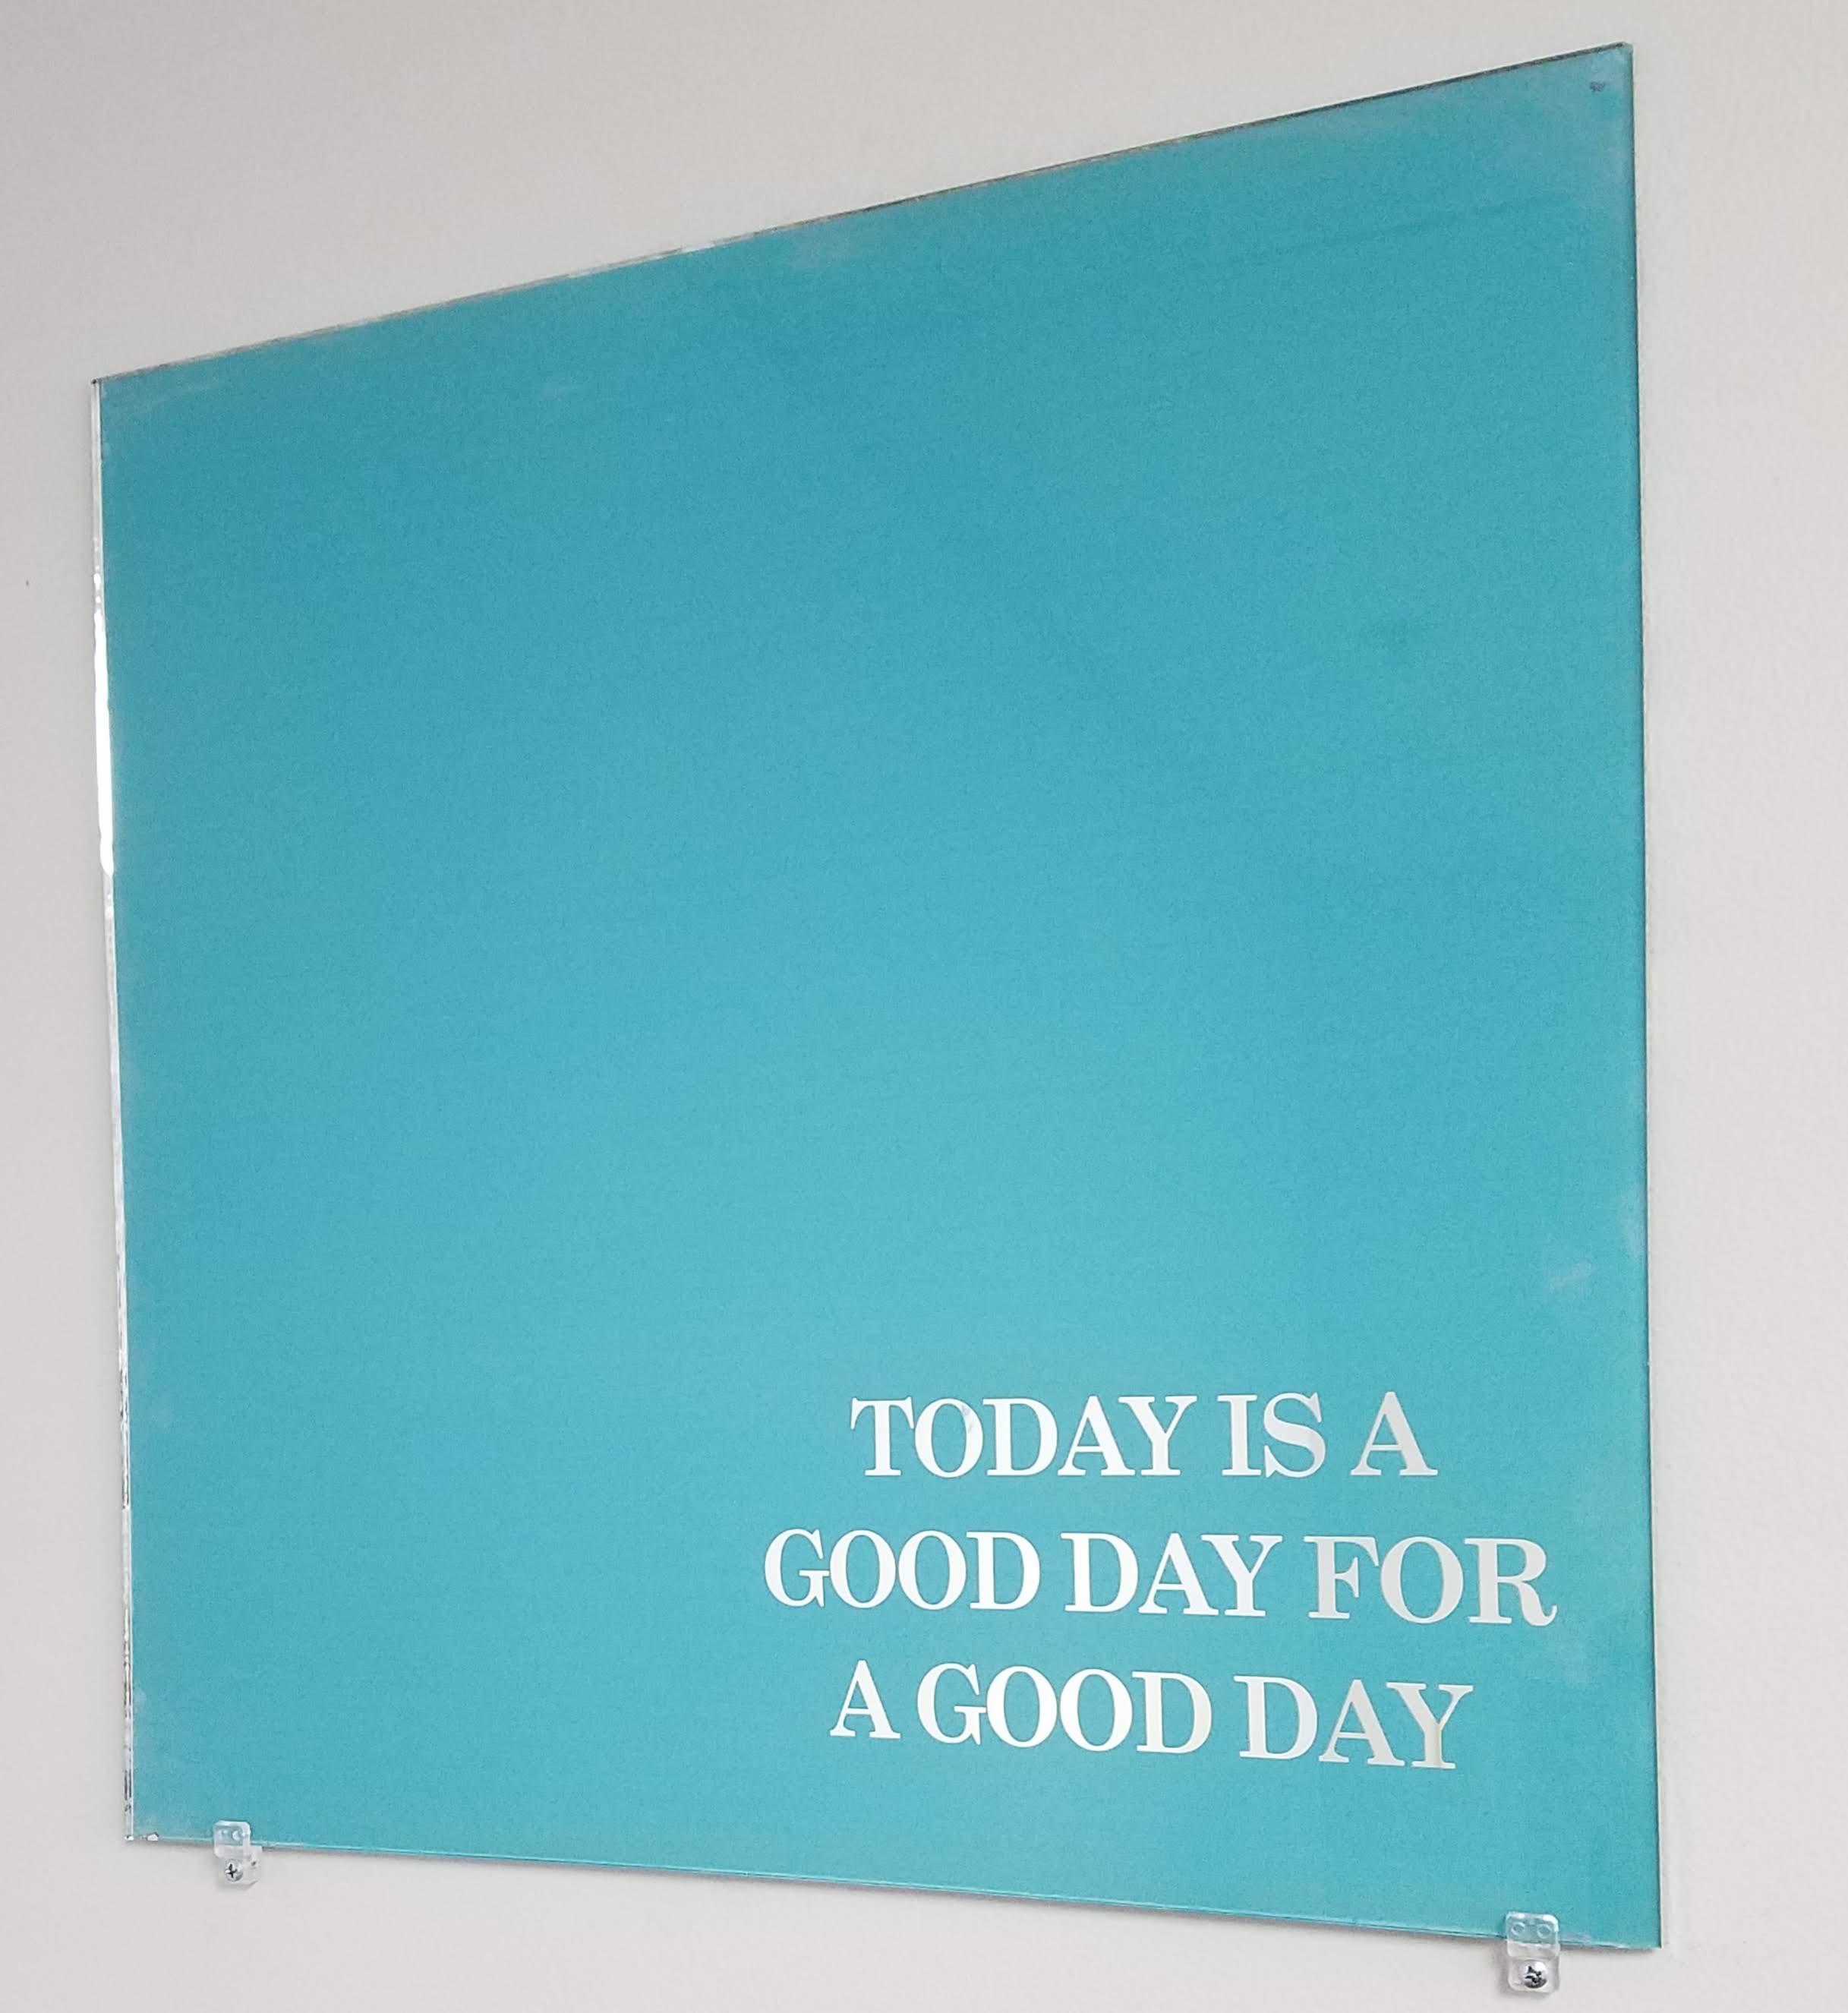 Good Day for a Good Day Full.jpg